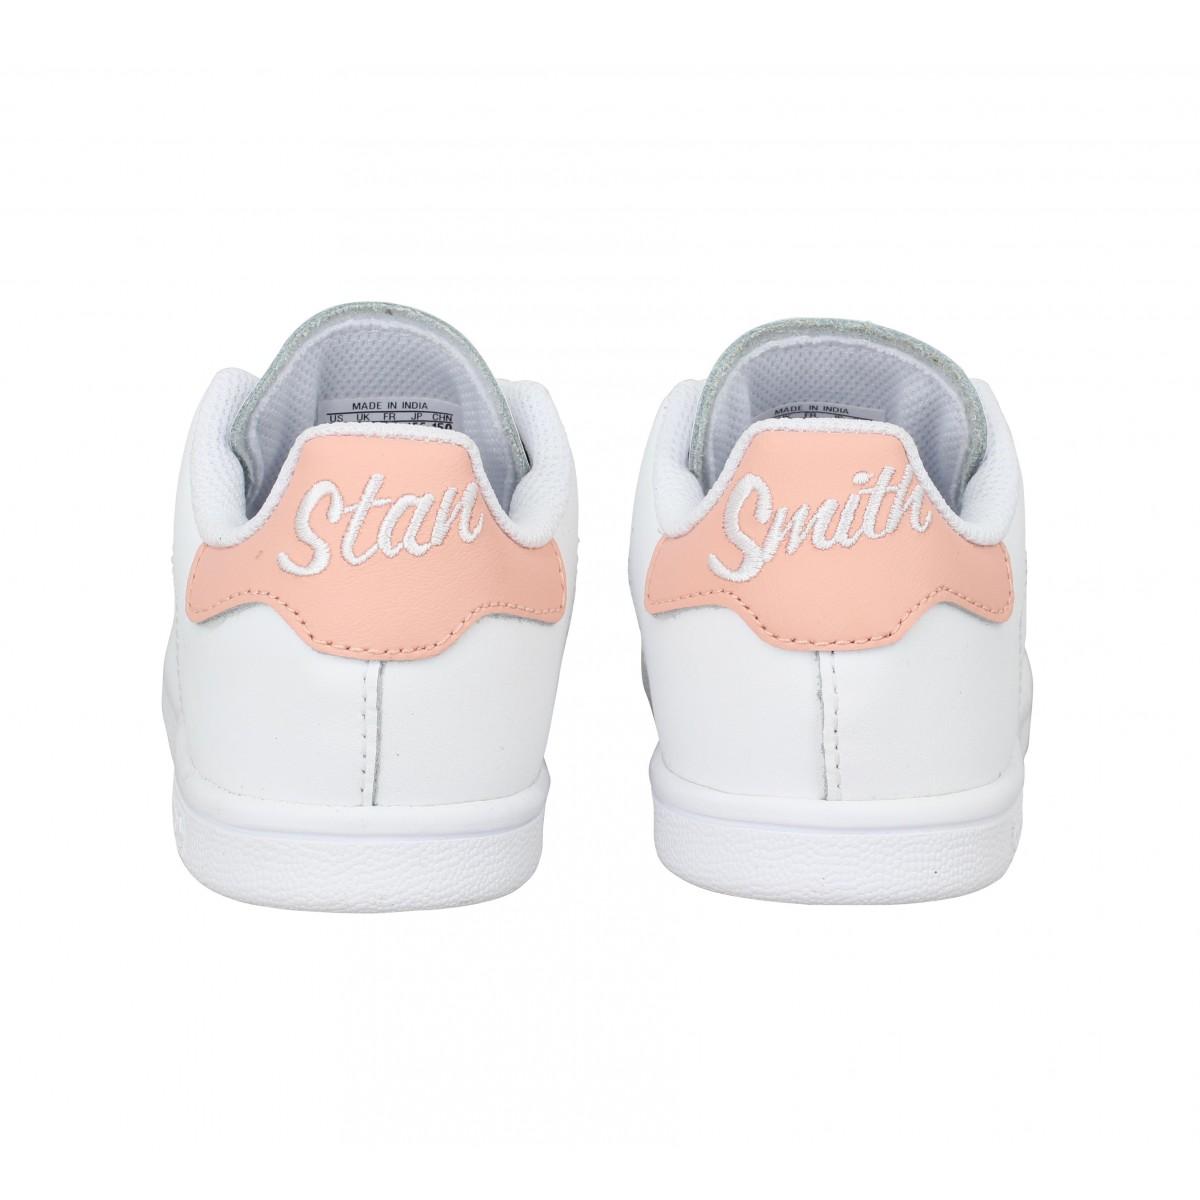 Adidas stan smith cursive logo cuir enfant blanc rose